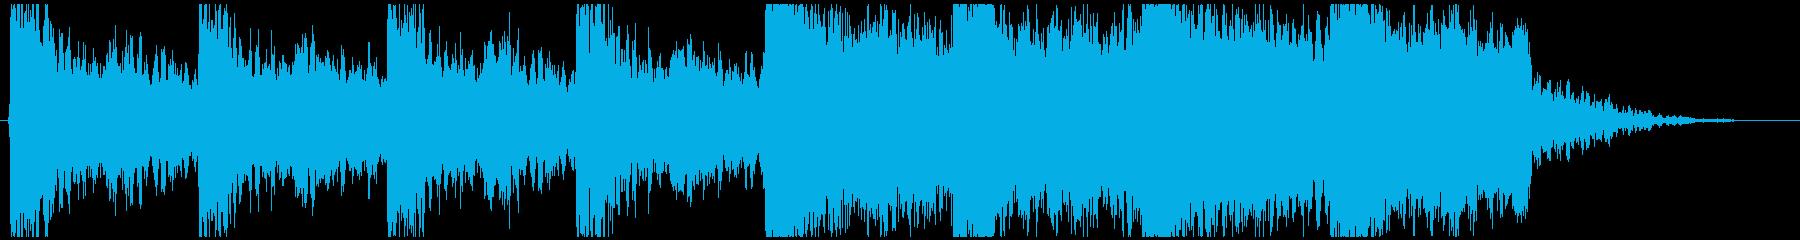 アクション映画予告編風(約30sec)の再生済みの波形